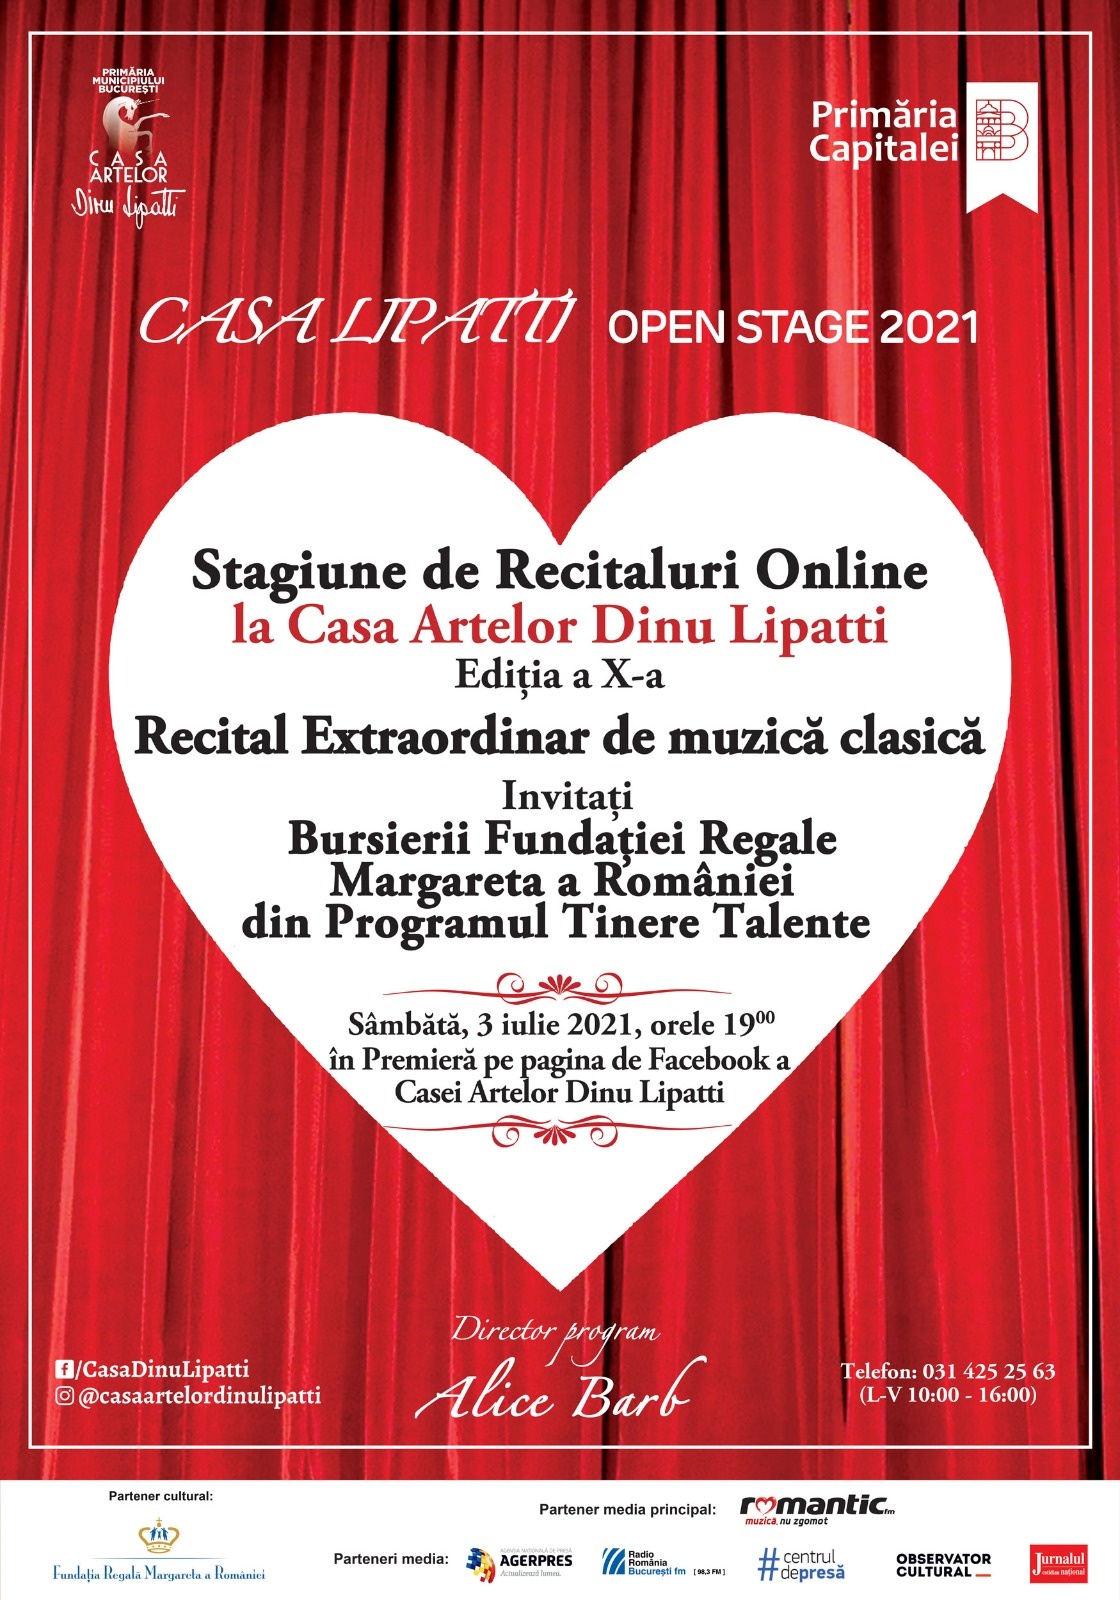 CASA LIPATTI Open Stage, Ediția a X-a Stagiune de Recitaluri Online dedicată tinerilor muzicieni